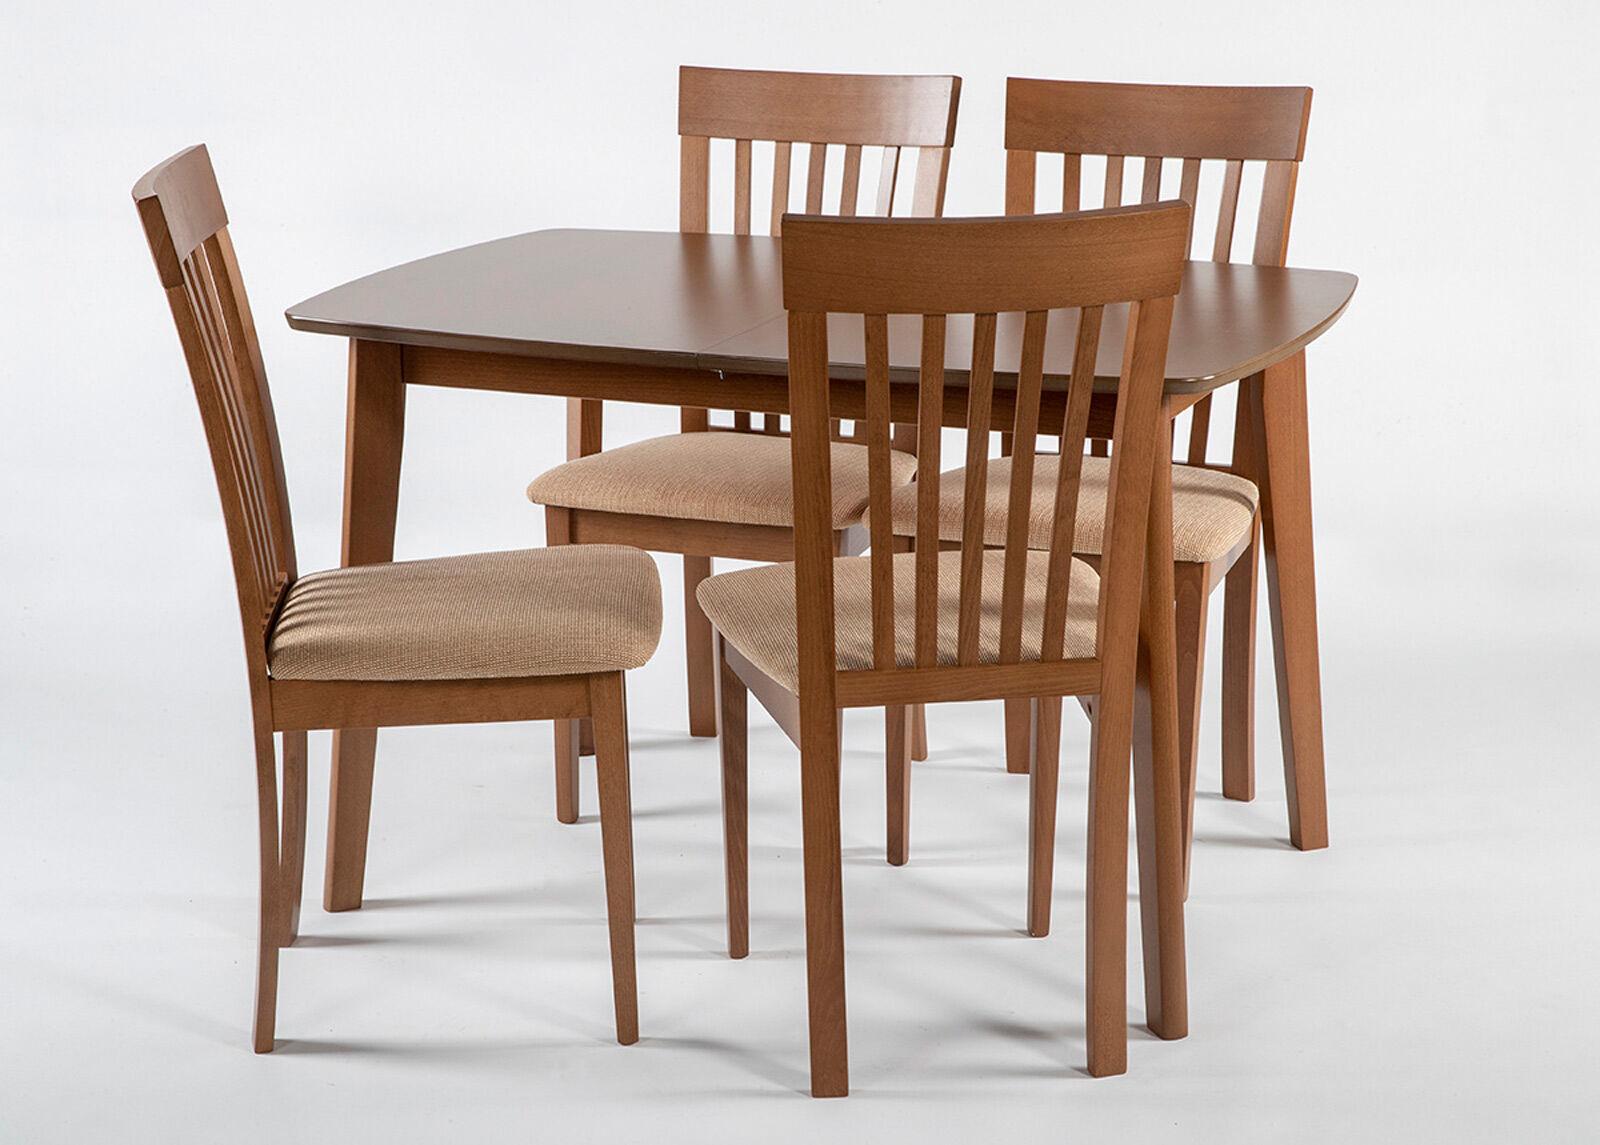 Image of Jatkettava ruokapöytä Bari 80x120-150 cm ja 4 tuolia MODENA, pähkinä